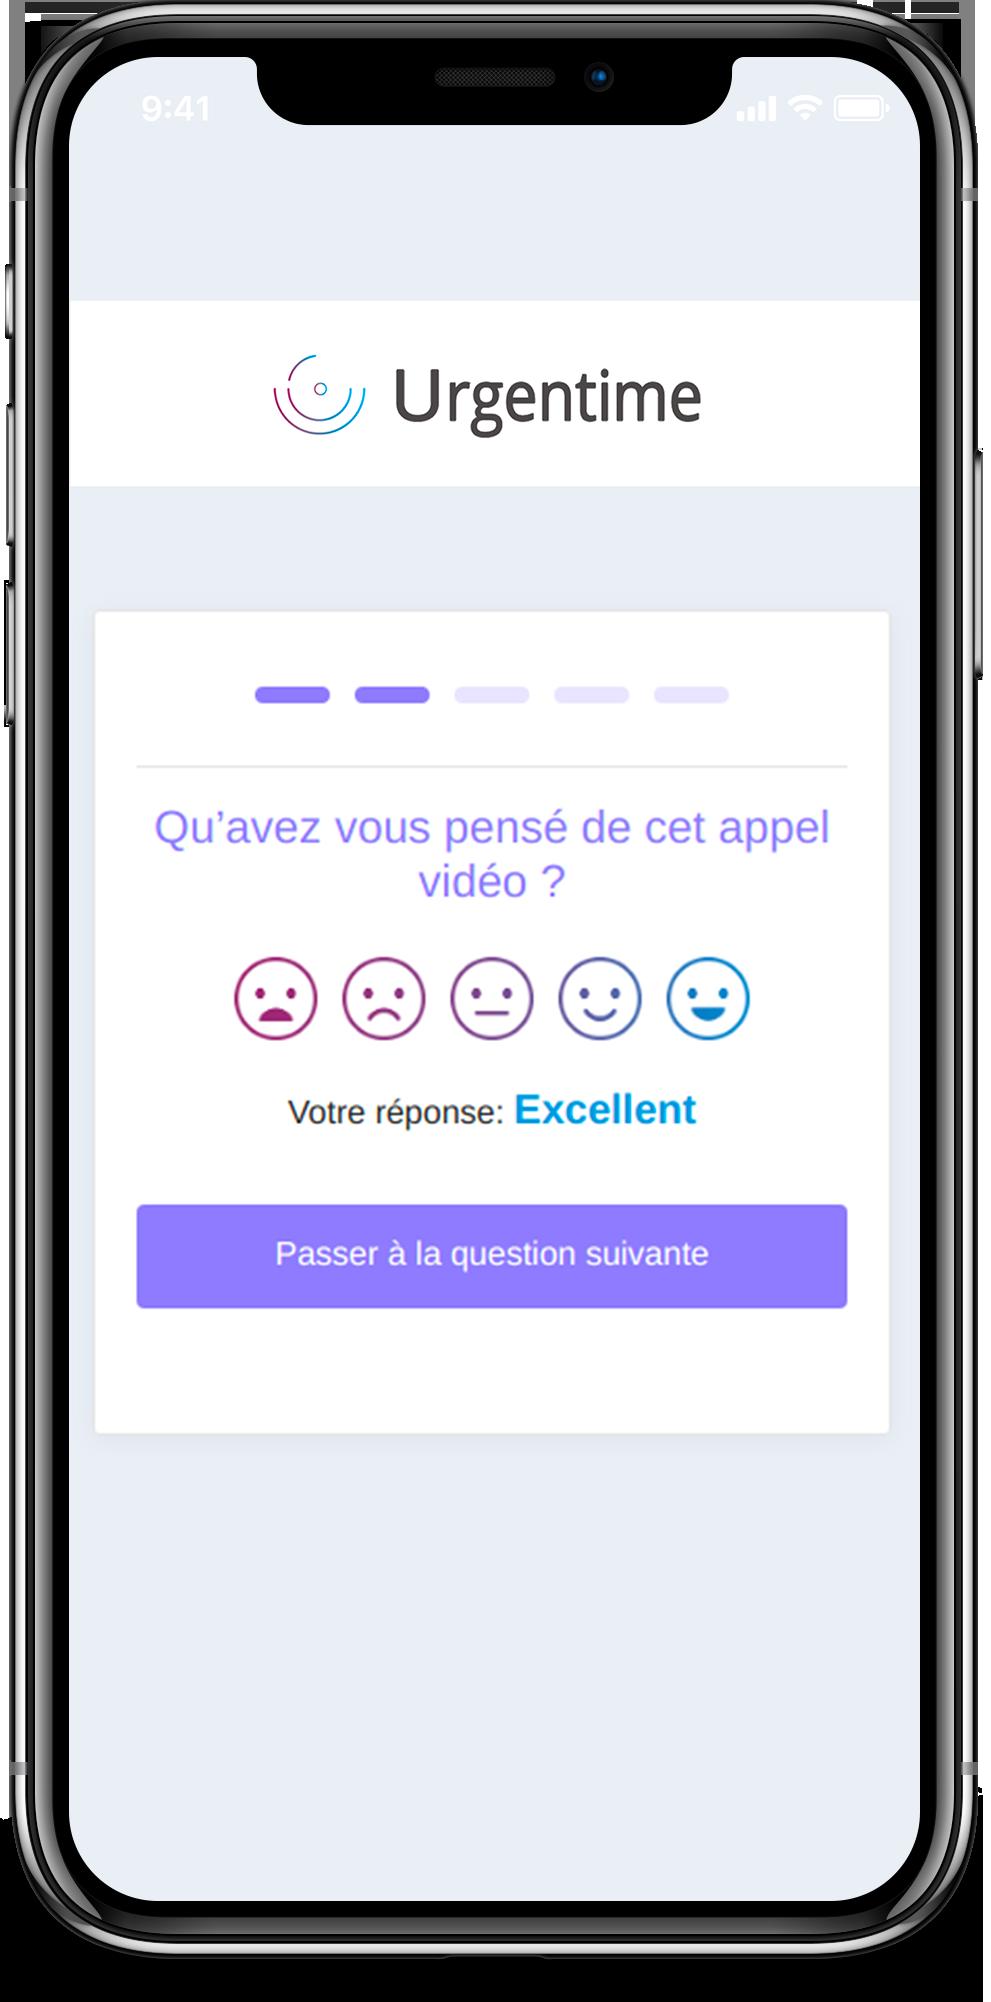 iPhone X sondage Urgentime